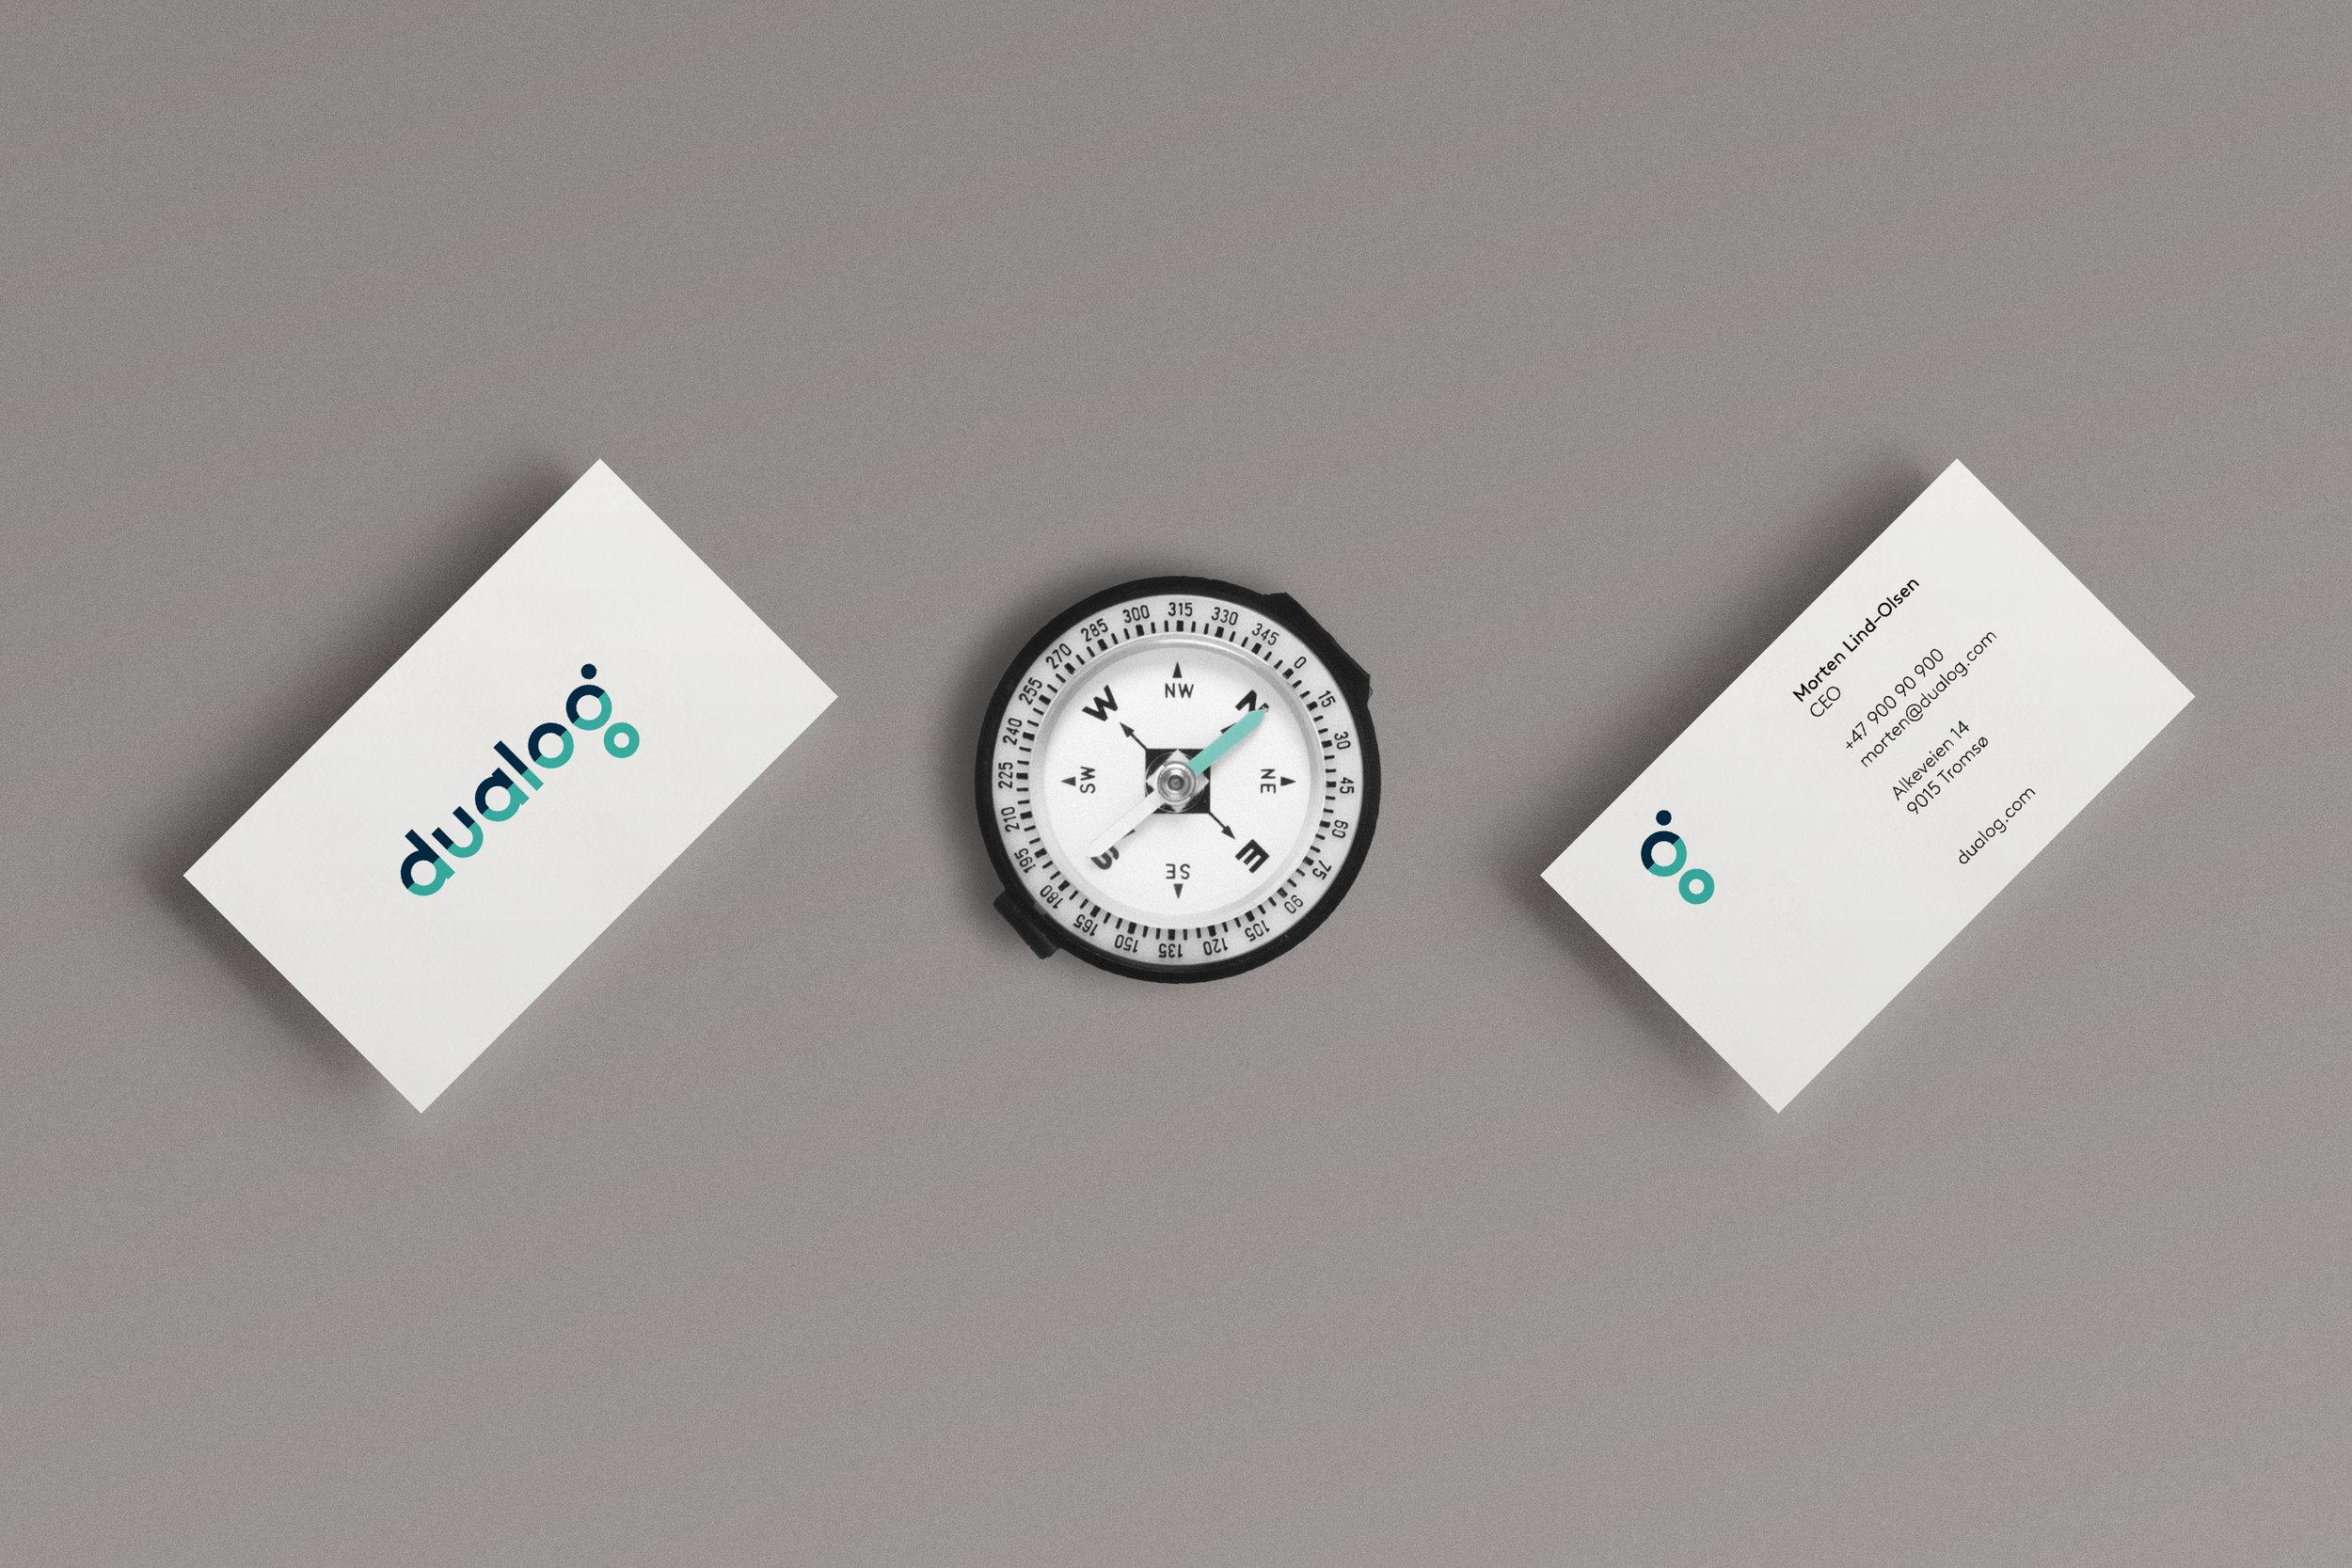 Dualog_Business_Cards_Compass-3.jpg